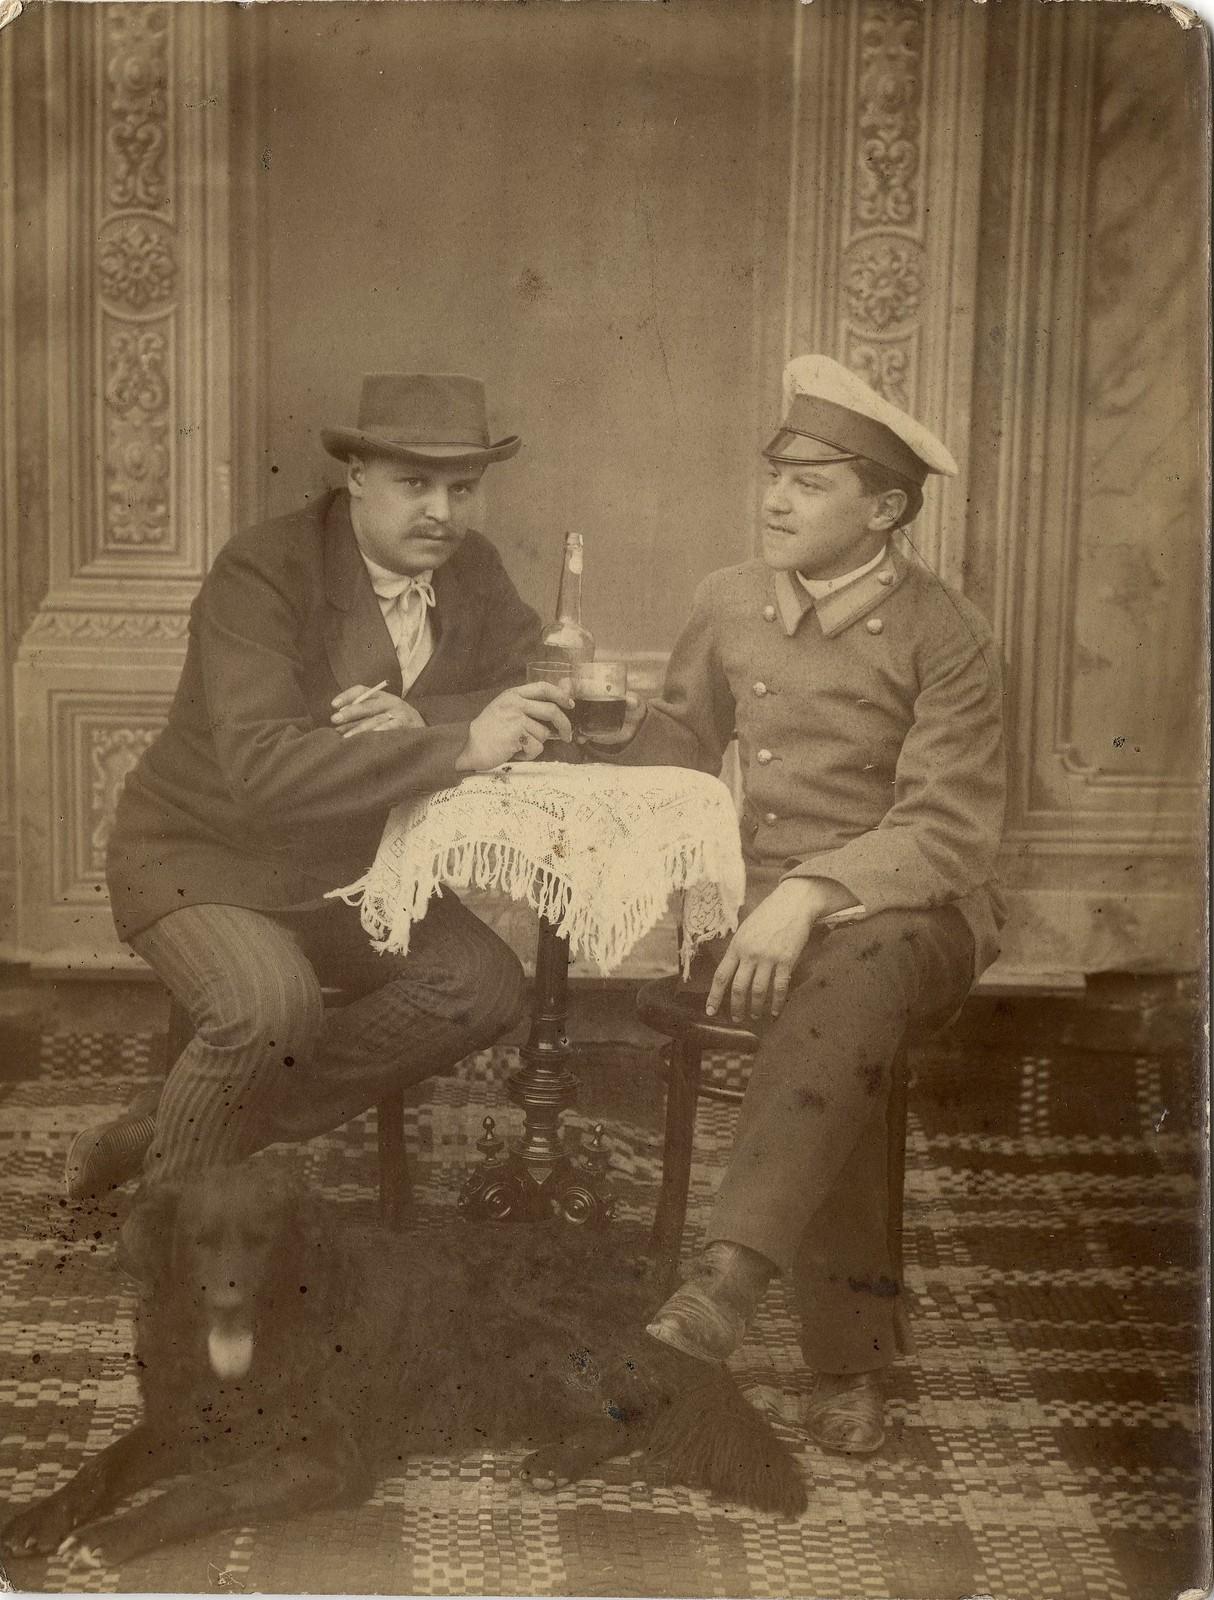 1910. Купец Белоголовый Иван Аполлонович с братом